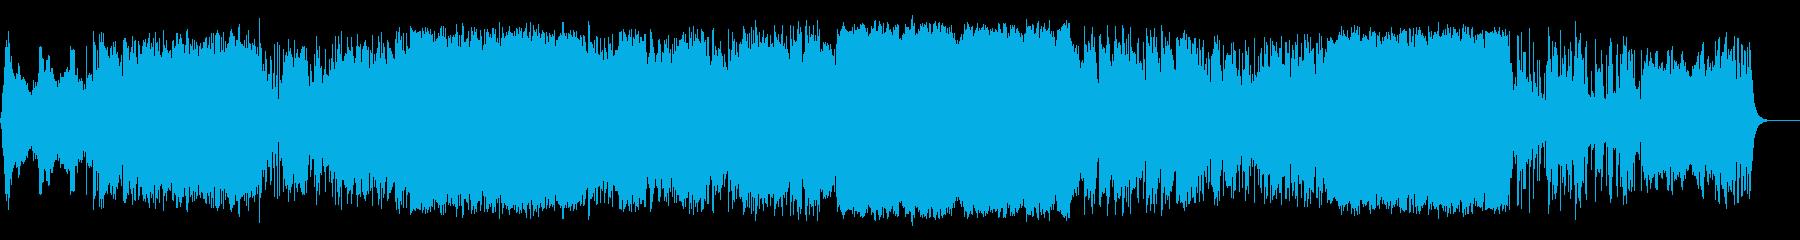 叙情的なアンビエント・バラードの再生済みの波形